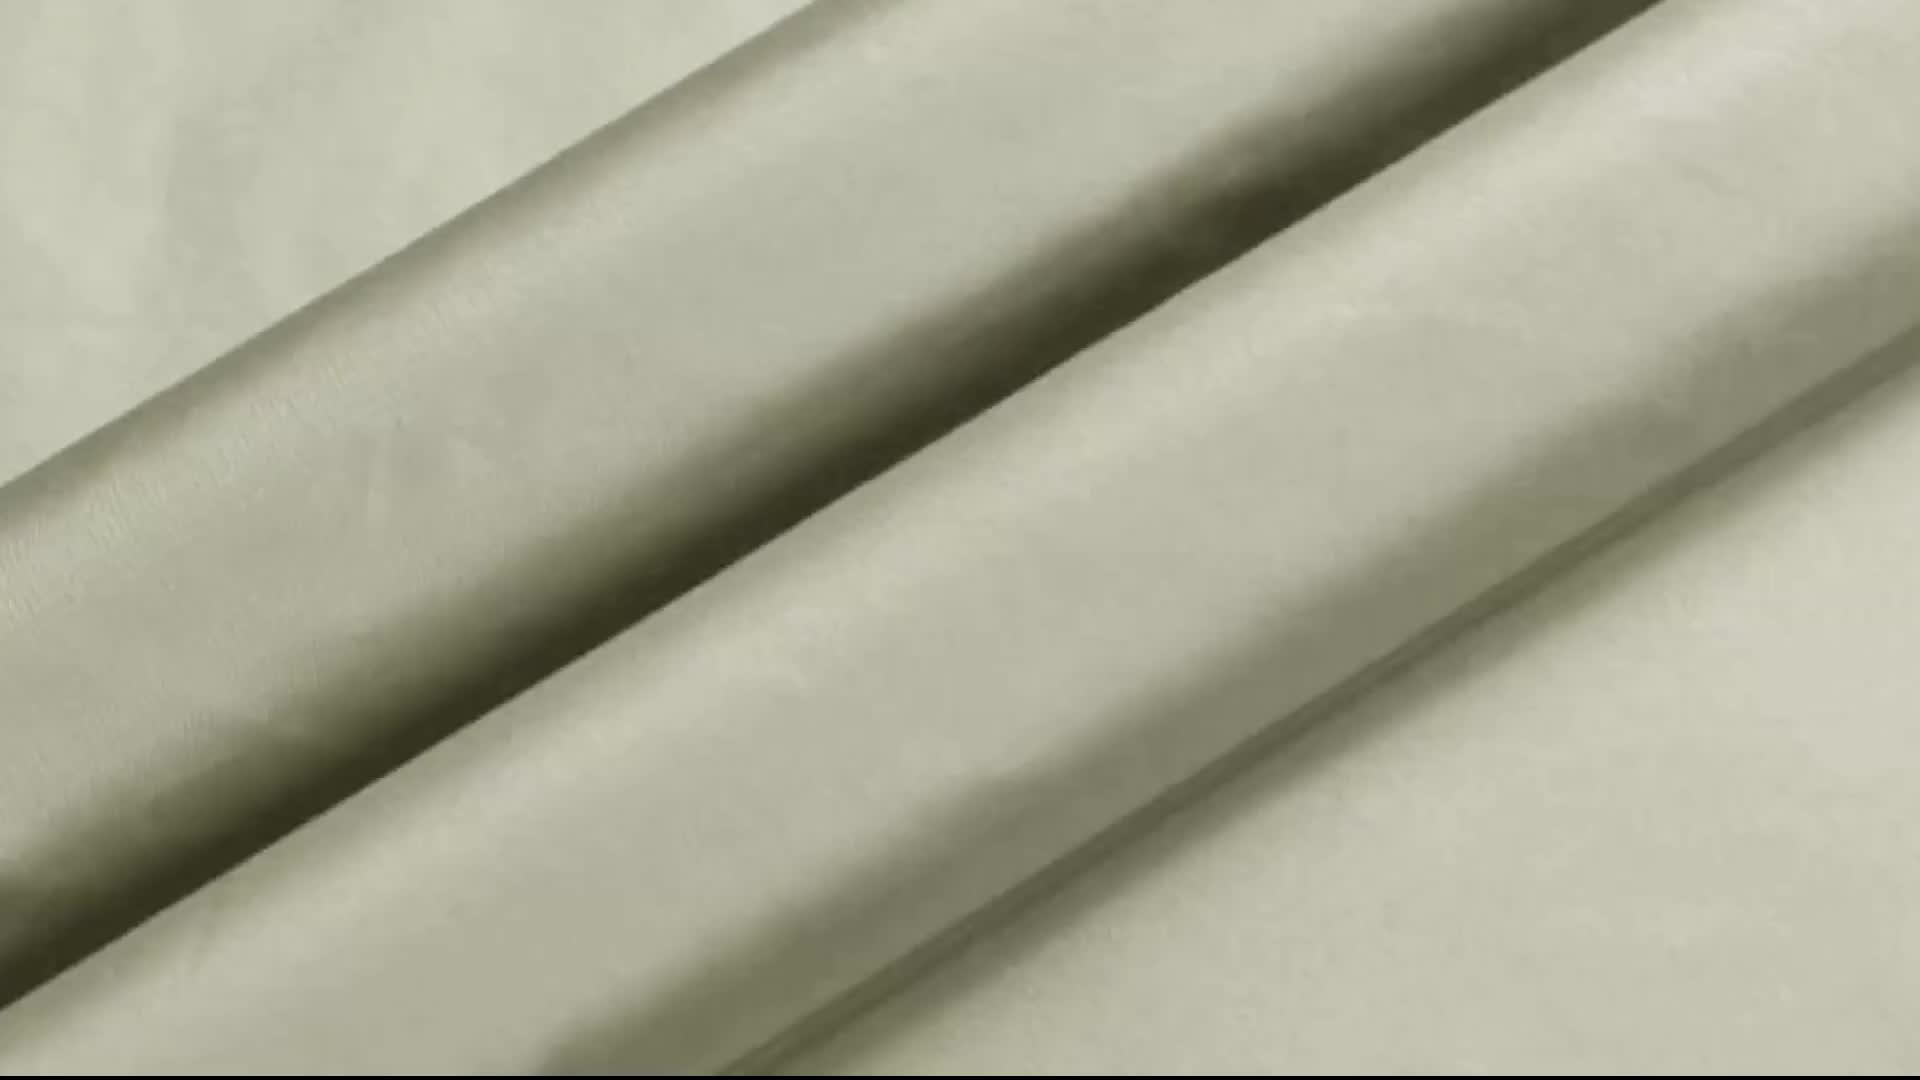 부드러운 우아한 100% 실크 일반 염색 실크 태 피터 원단 웨딩 침구 이불 베개